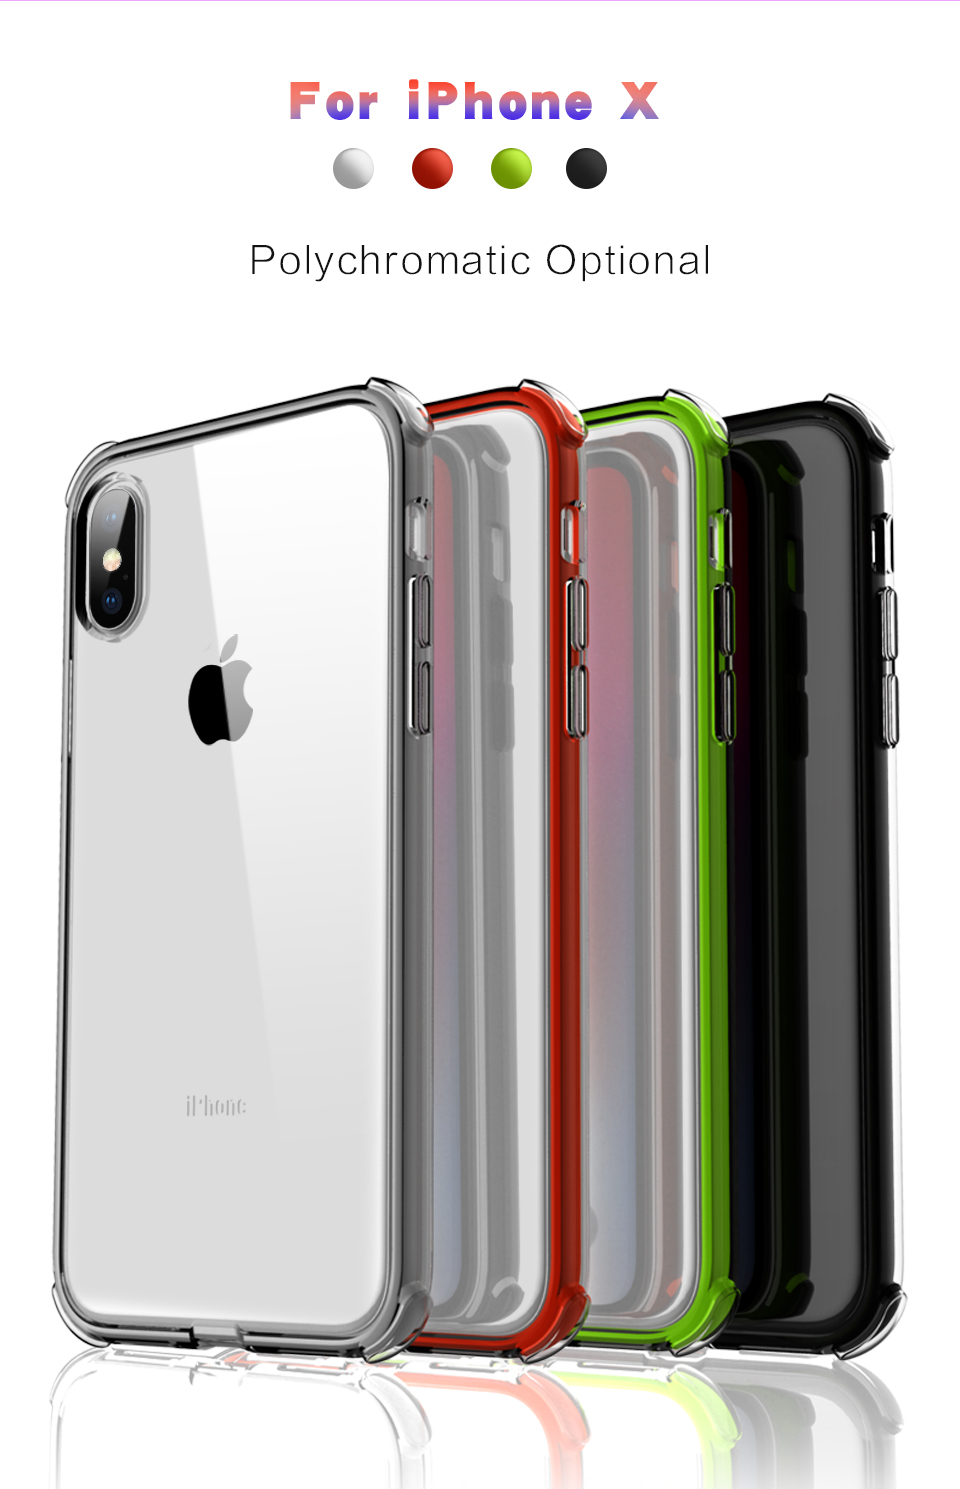 iphonex_02